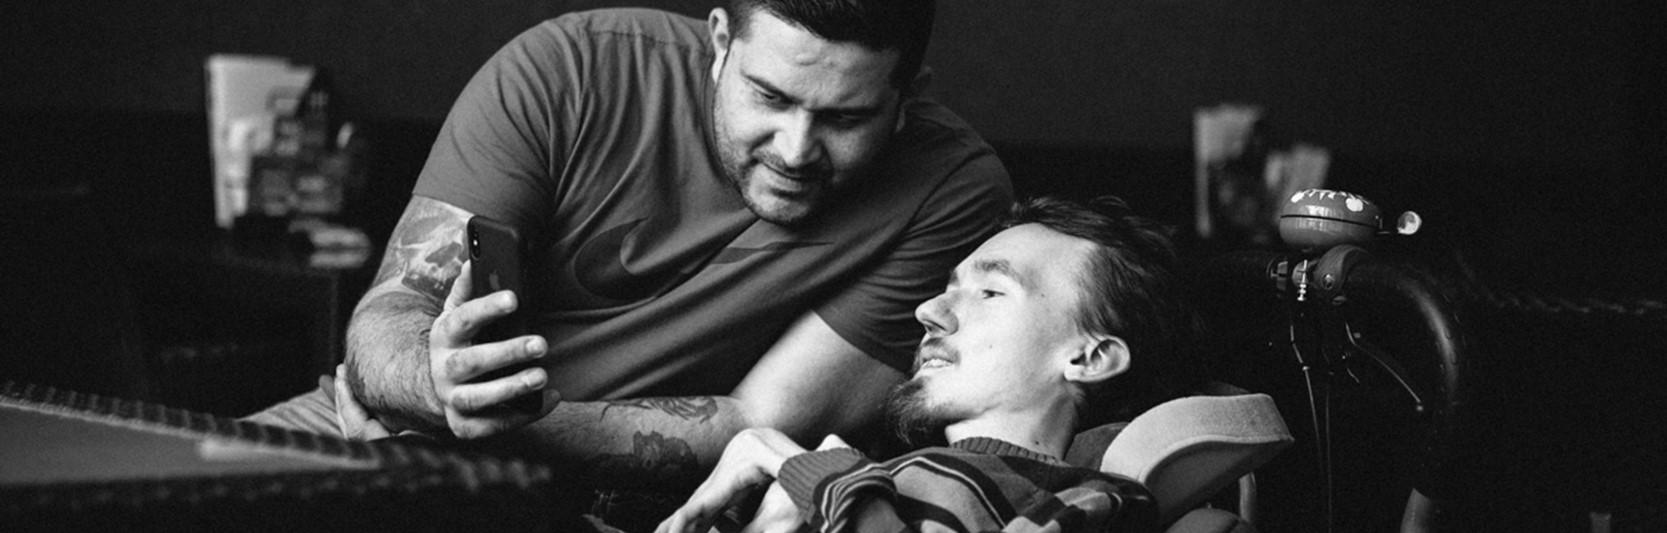 Ein erfolgreiches Konzept: Der Behindertenassistenzdienst PflegeExperten Kutlu